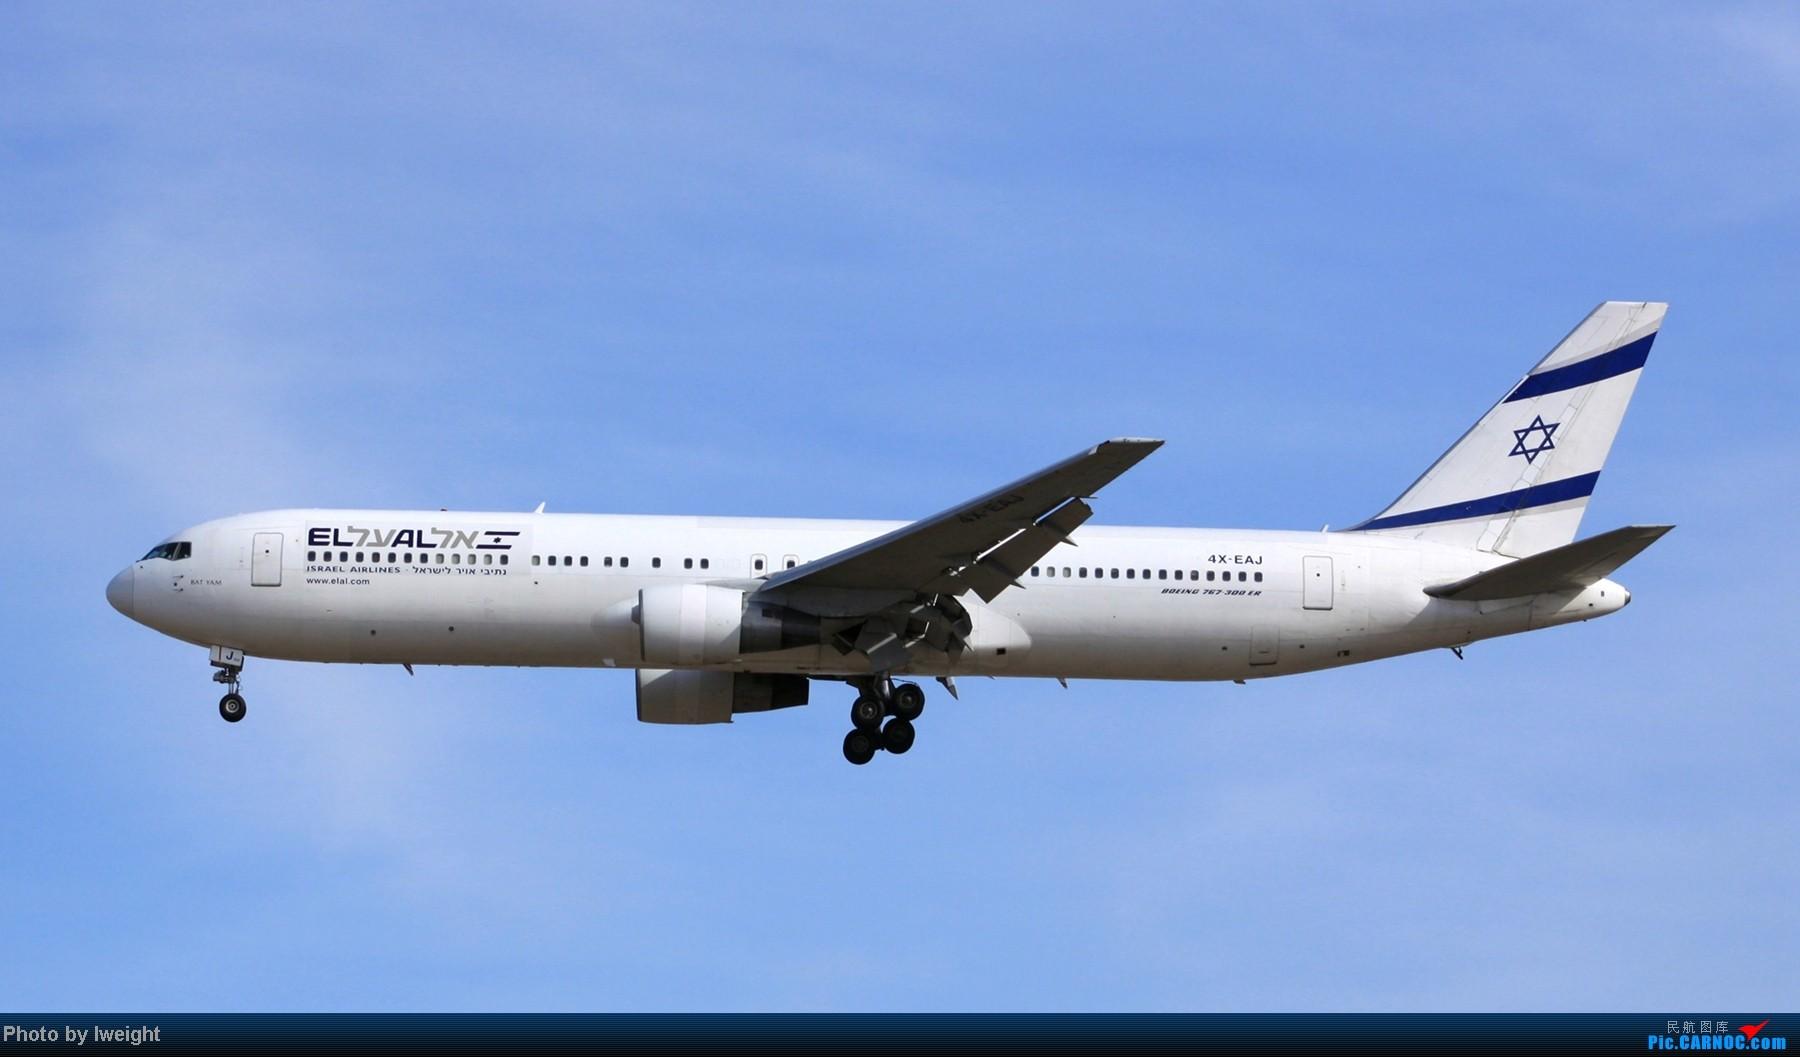 Re:[原创]春节期间首都机场拍机汇报 BOEING 767-300 4X-EAJ 中国北京首都机场